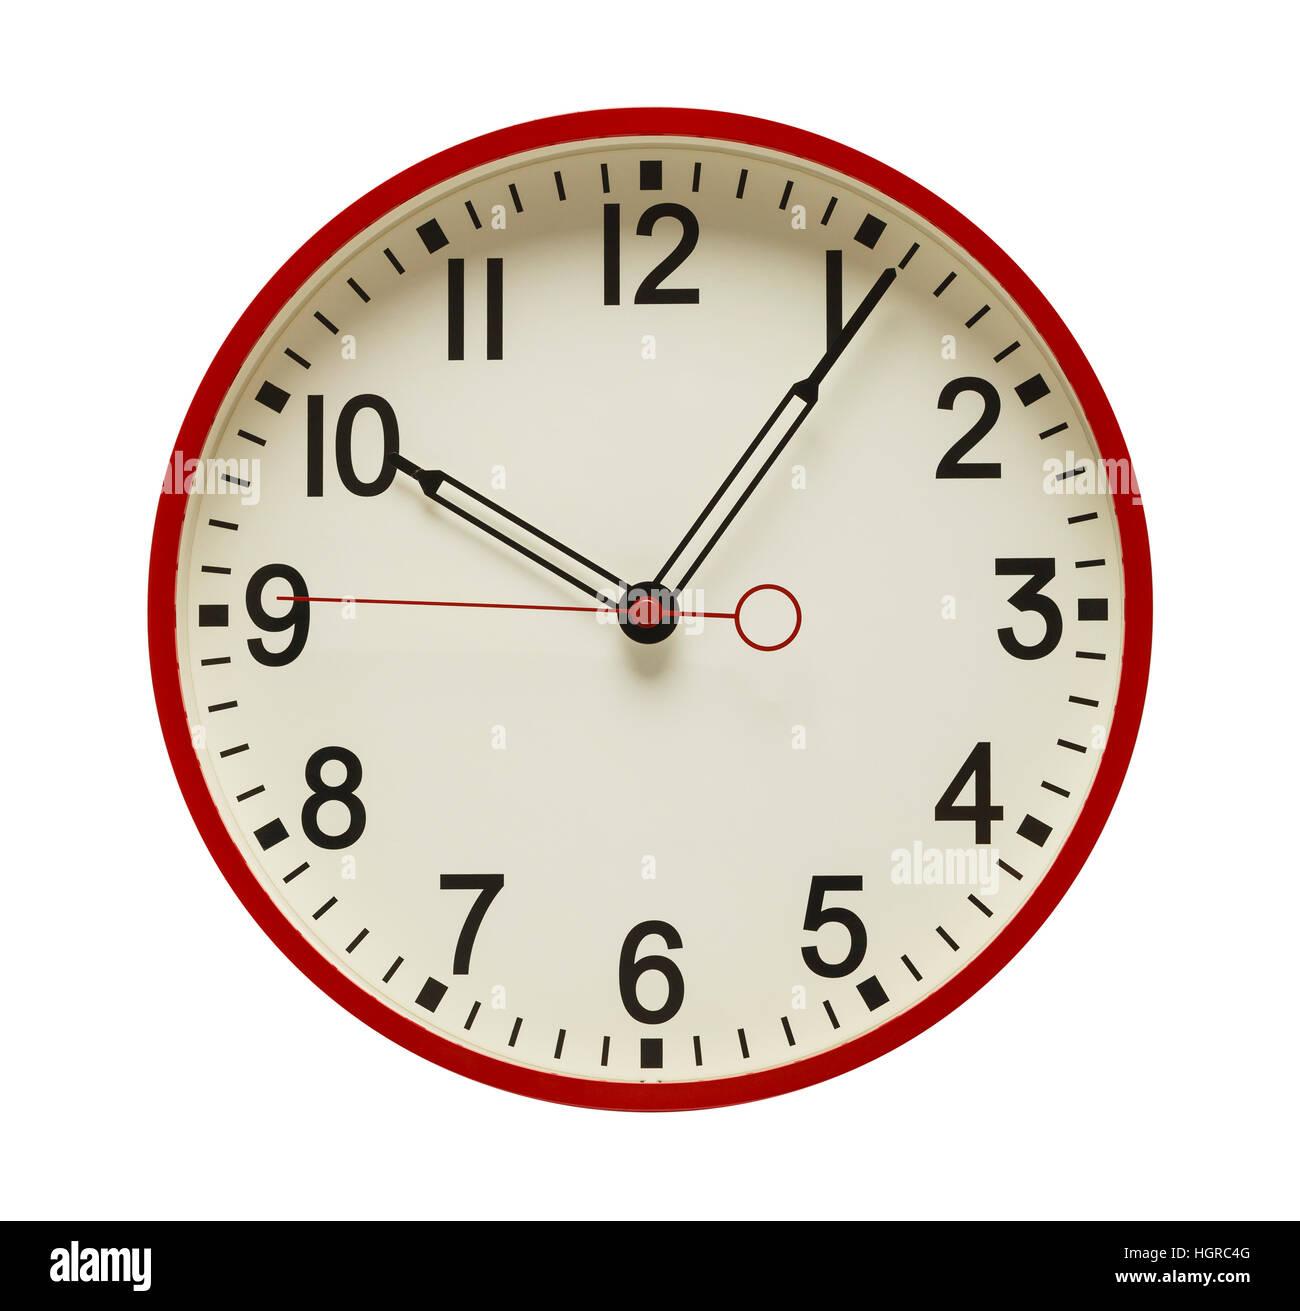 Horloge murale cadran rond rouge isolé sur fond blanc. Photo Stock